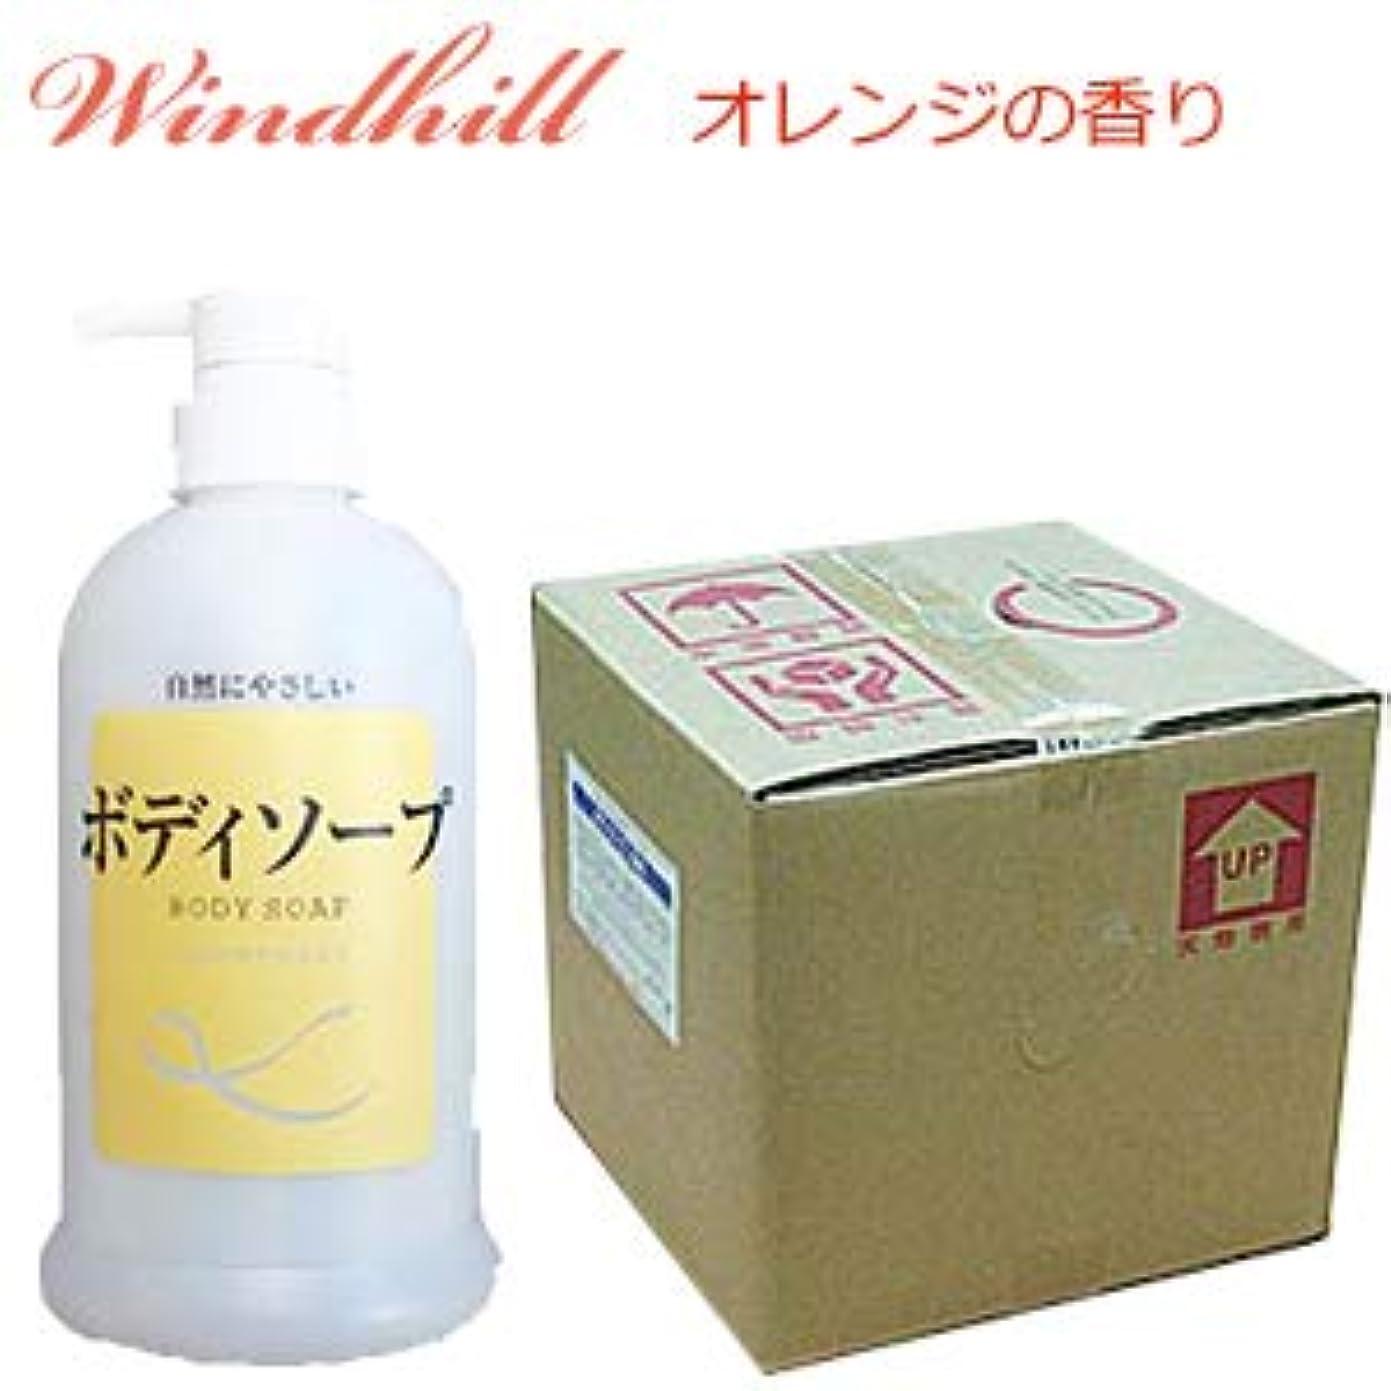 ストレス歩く慣習Windhill 植物性 業務用ボディソープオレンジの香り 20L(1セット20L入)